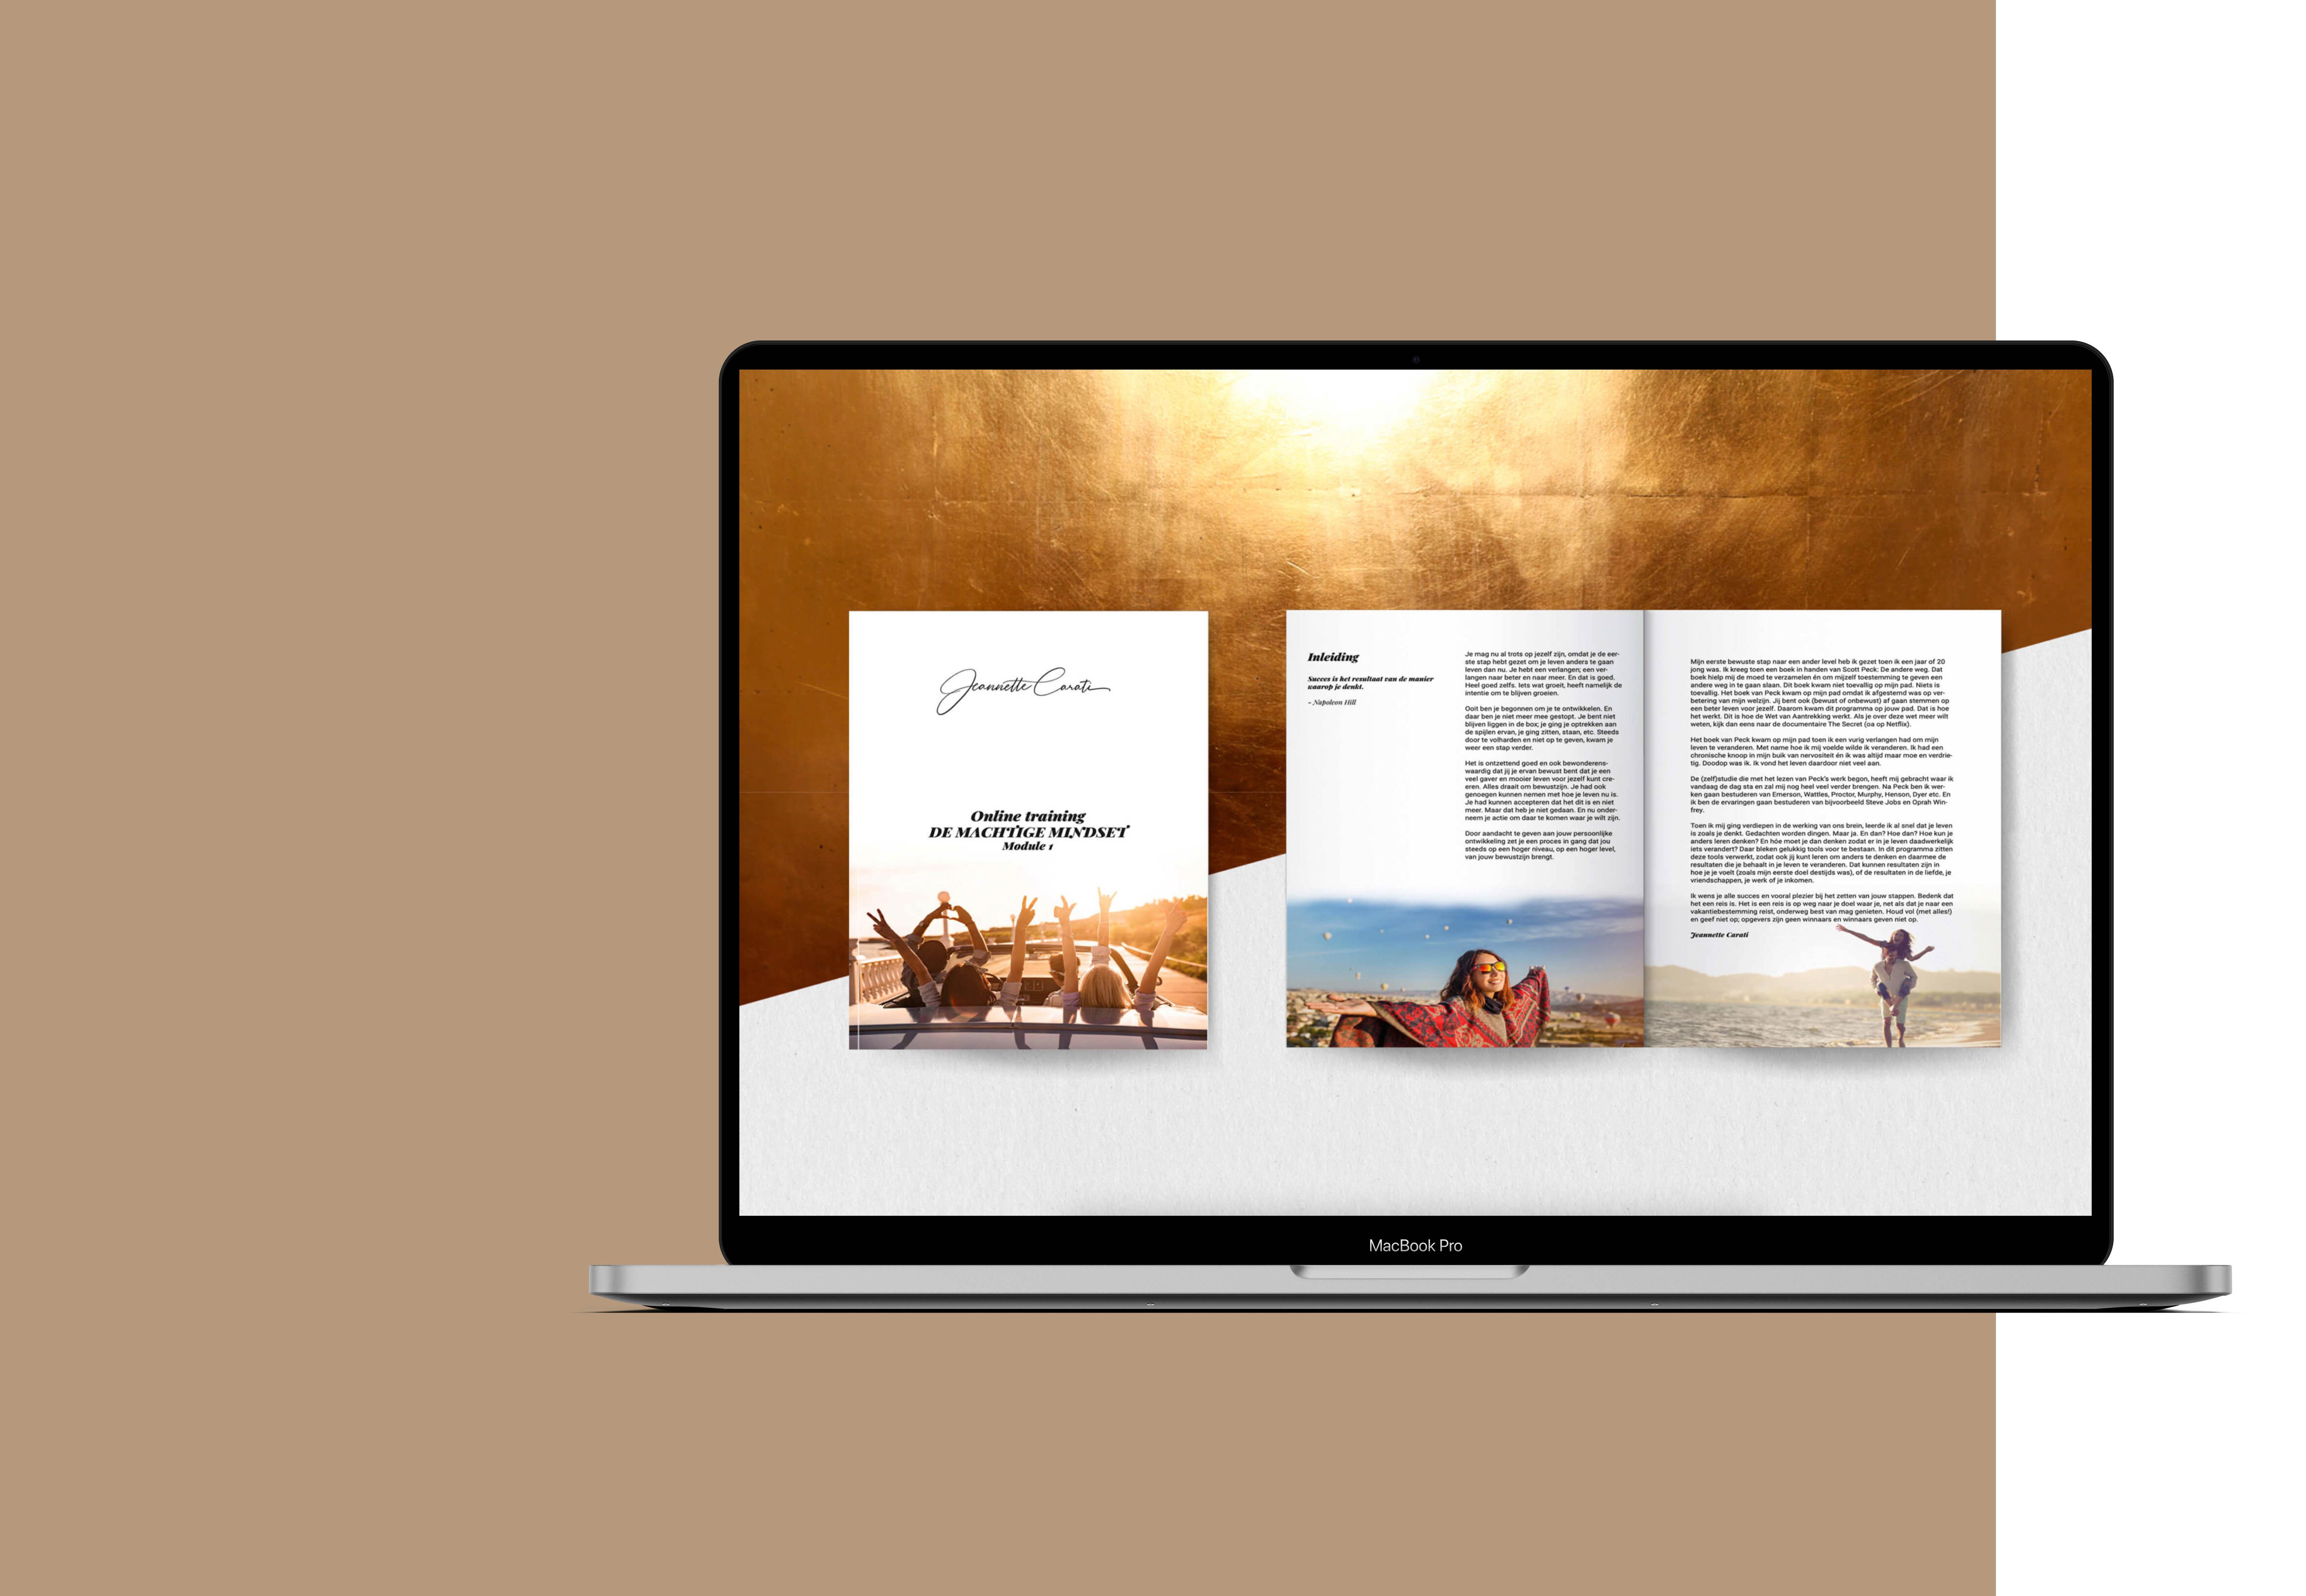 Macbook machtige mindsetkopie